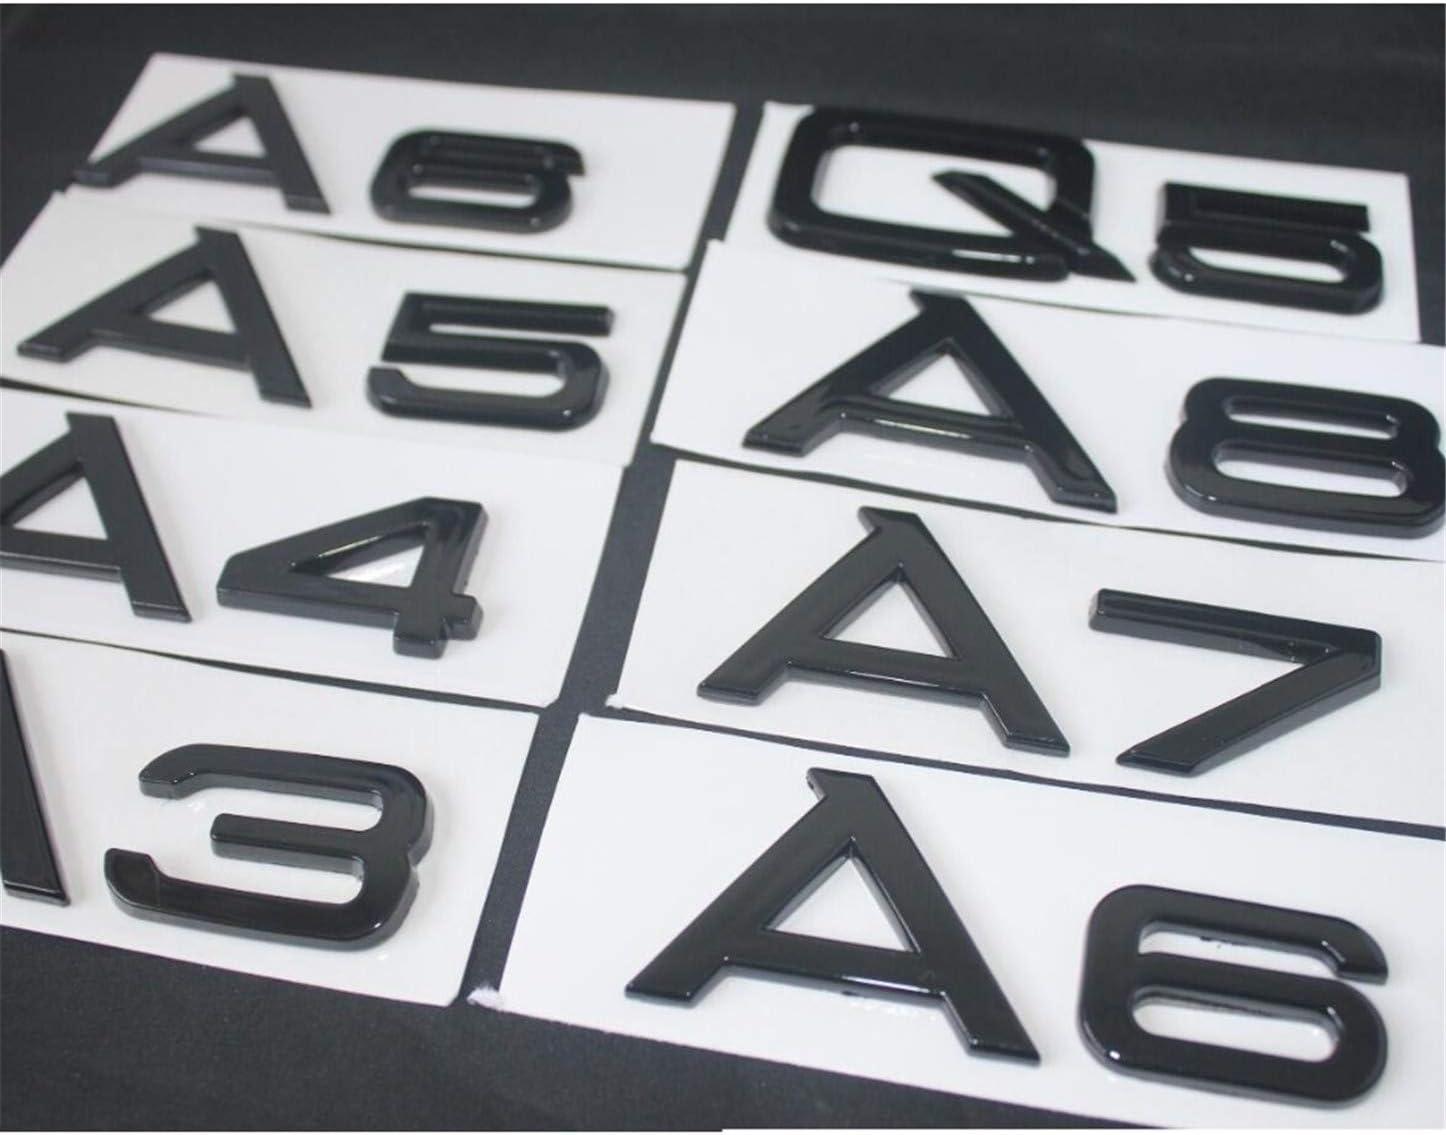 Embl/ème brillant noir arri/ère du tronc Lettre de lembl/ème du badge A3 A4 A5 A6 A7 A8 A4L A6L A8L Q3 Q5 Q7 35 40 45 50 55 TFSI 35 TFSI